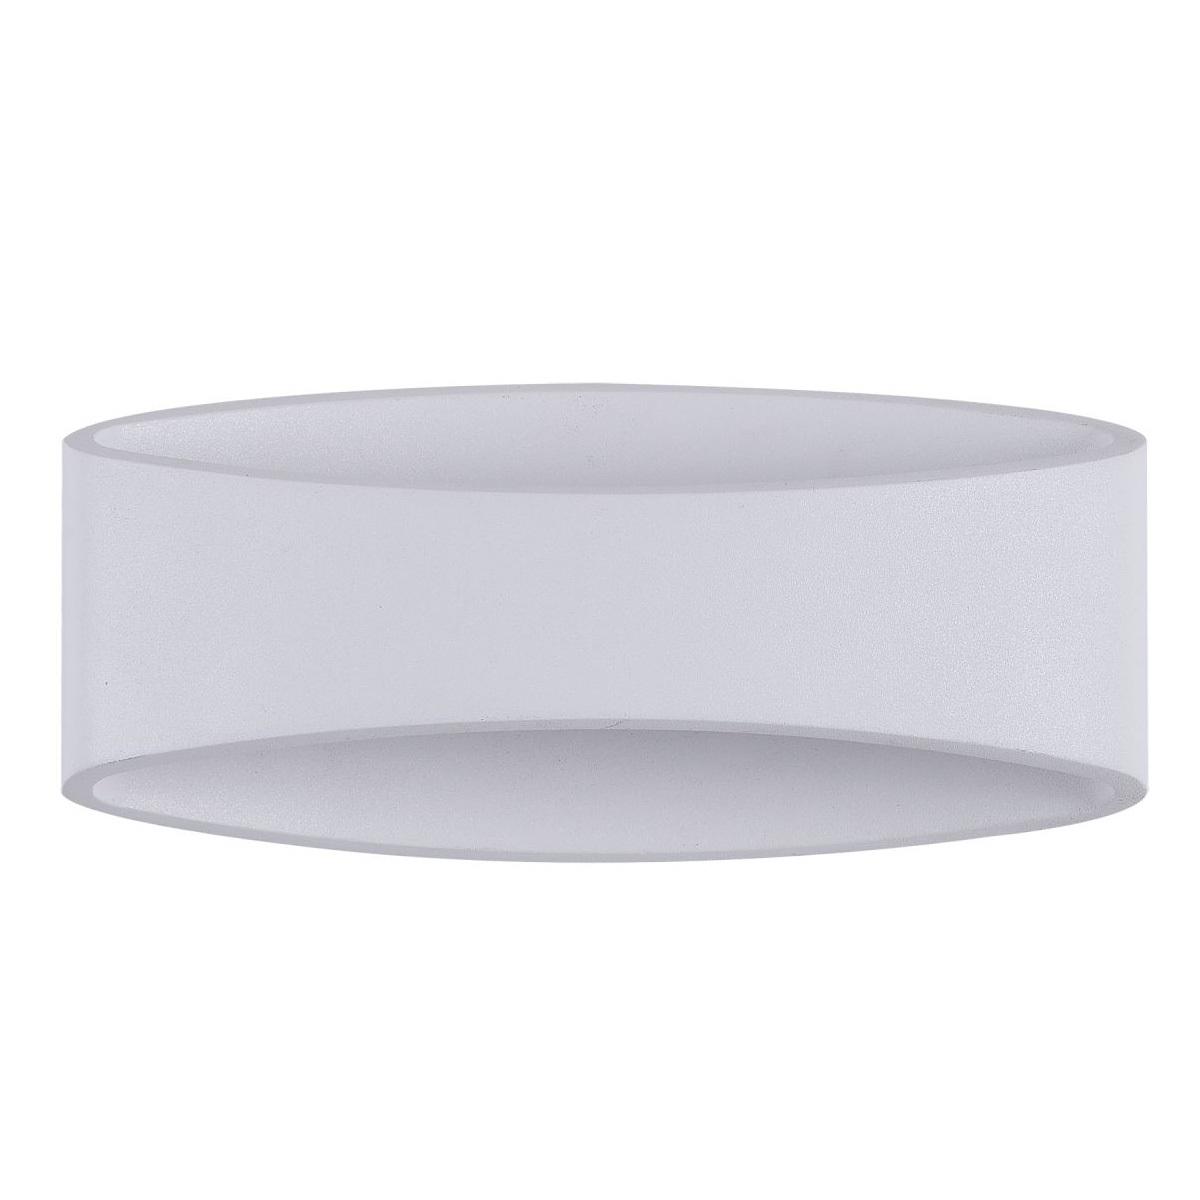 Applique d'extérieur design ovale en métal blanc MODE